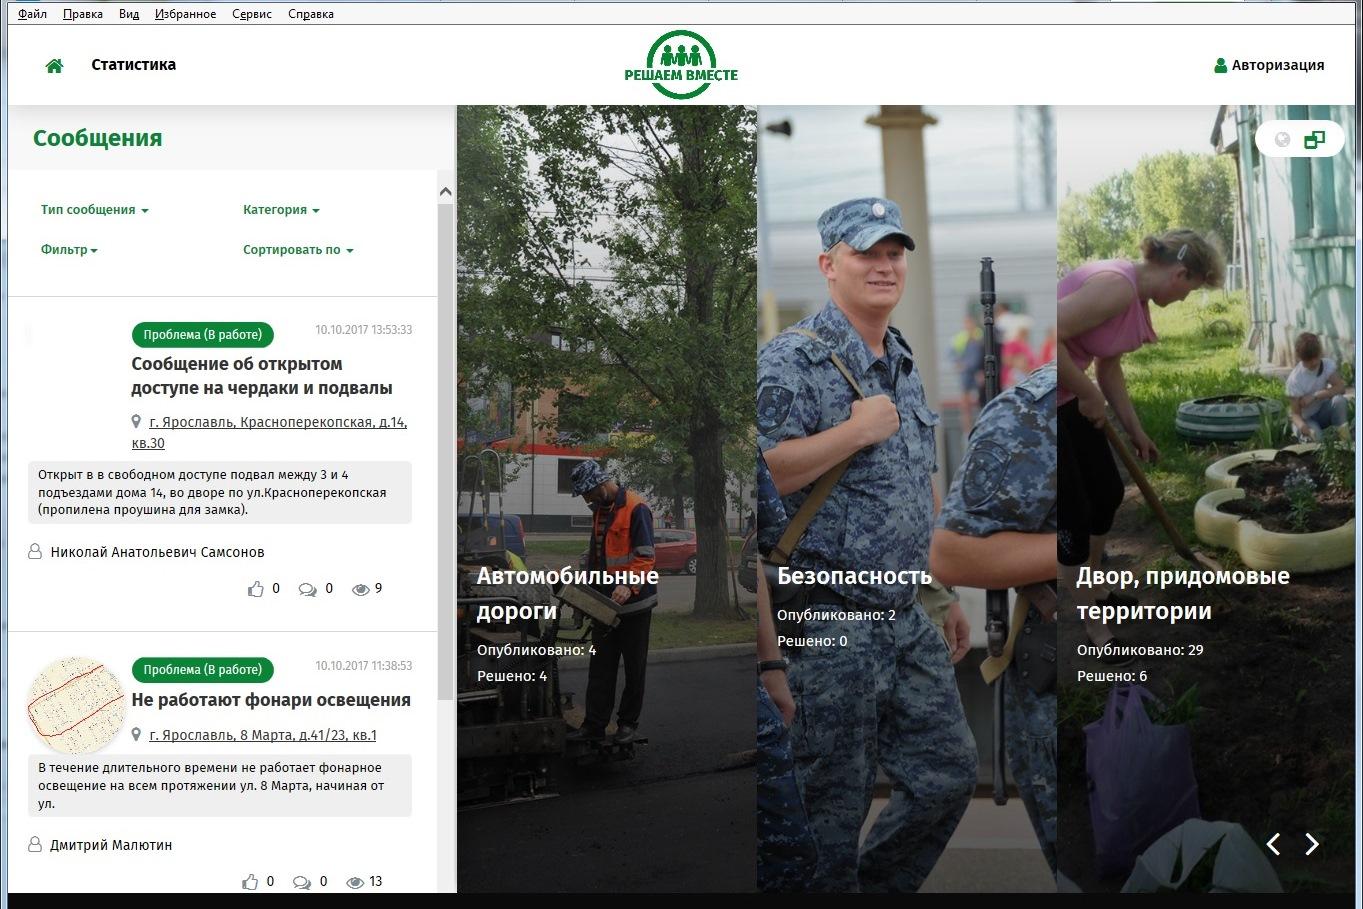 В мэрии Ярославля подвели итоги первой недели работы интерактивного портала «Решаем вместе»